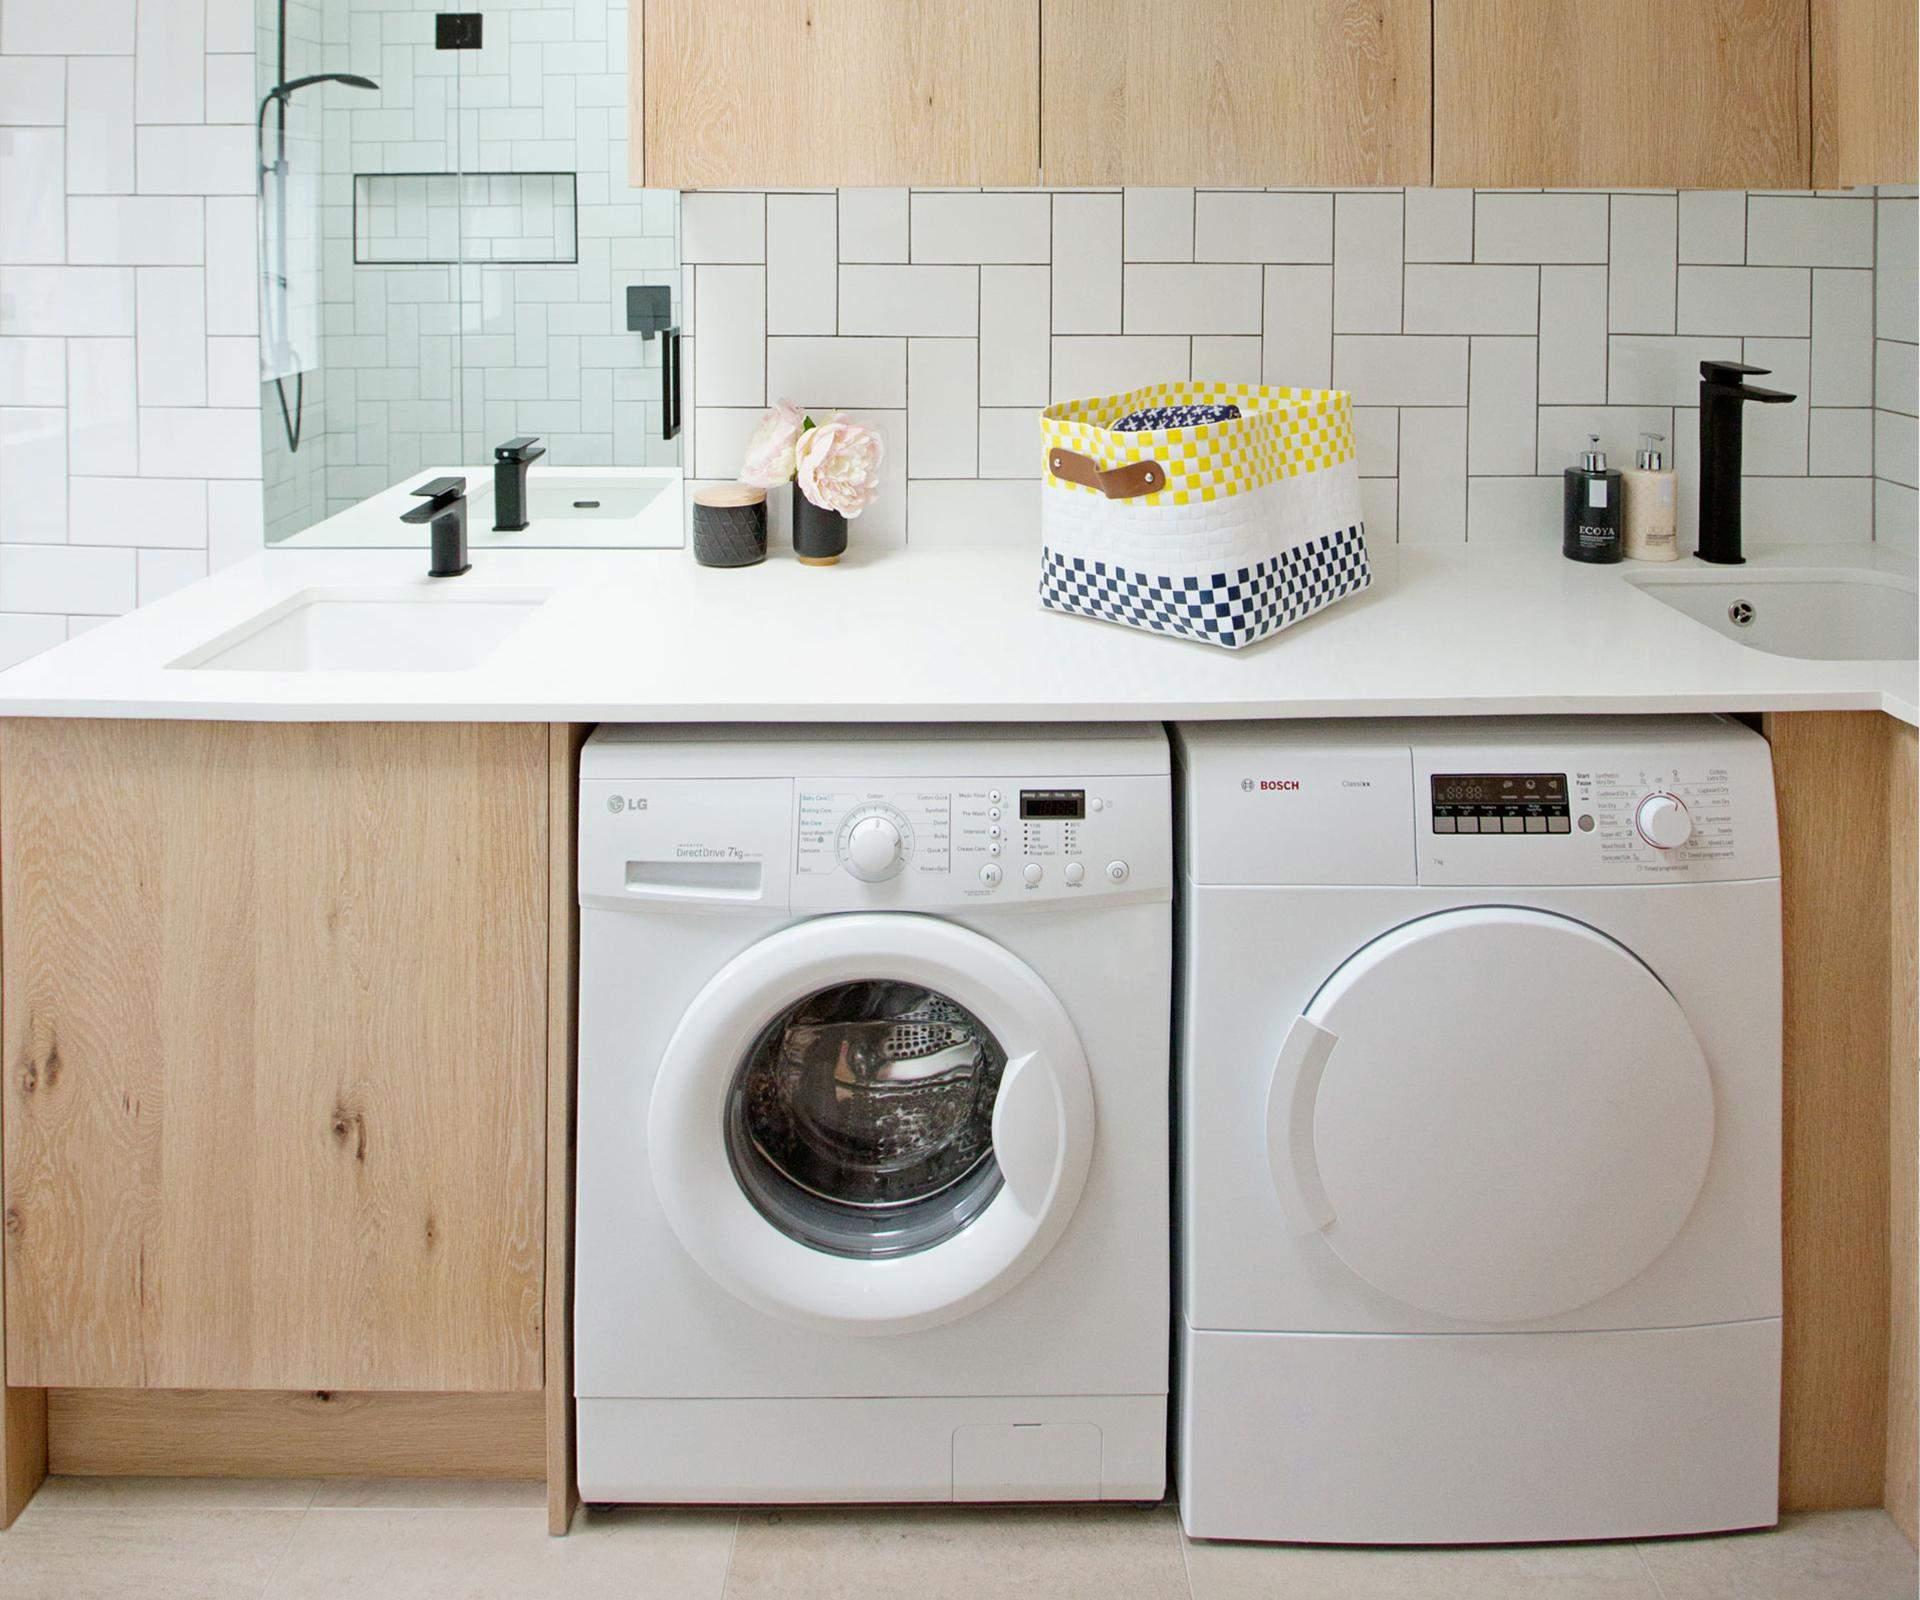 Сушарка економить містить в житлових приміщеннях / Фото Pinterest